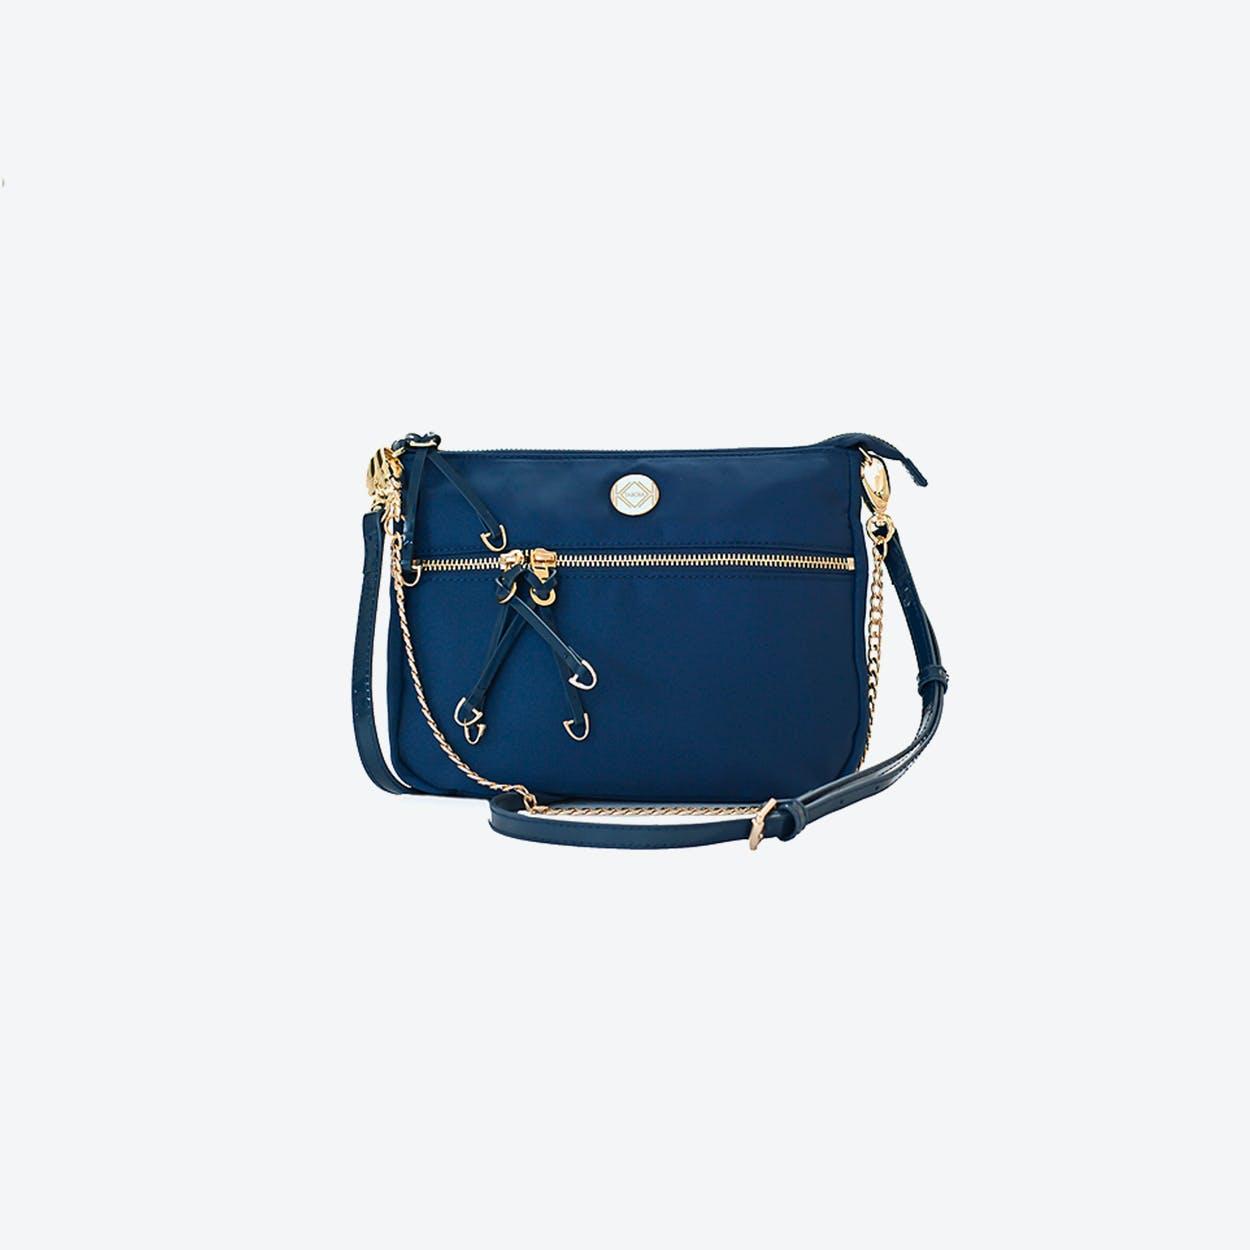 Melbourne Minx Crossbody Bag in Dark Blue Nylon